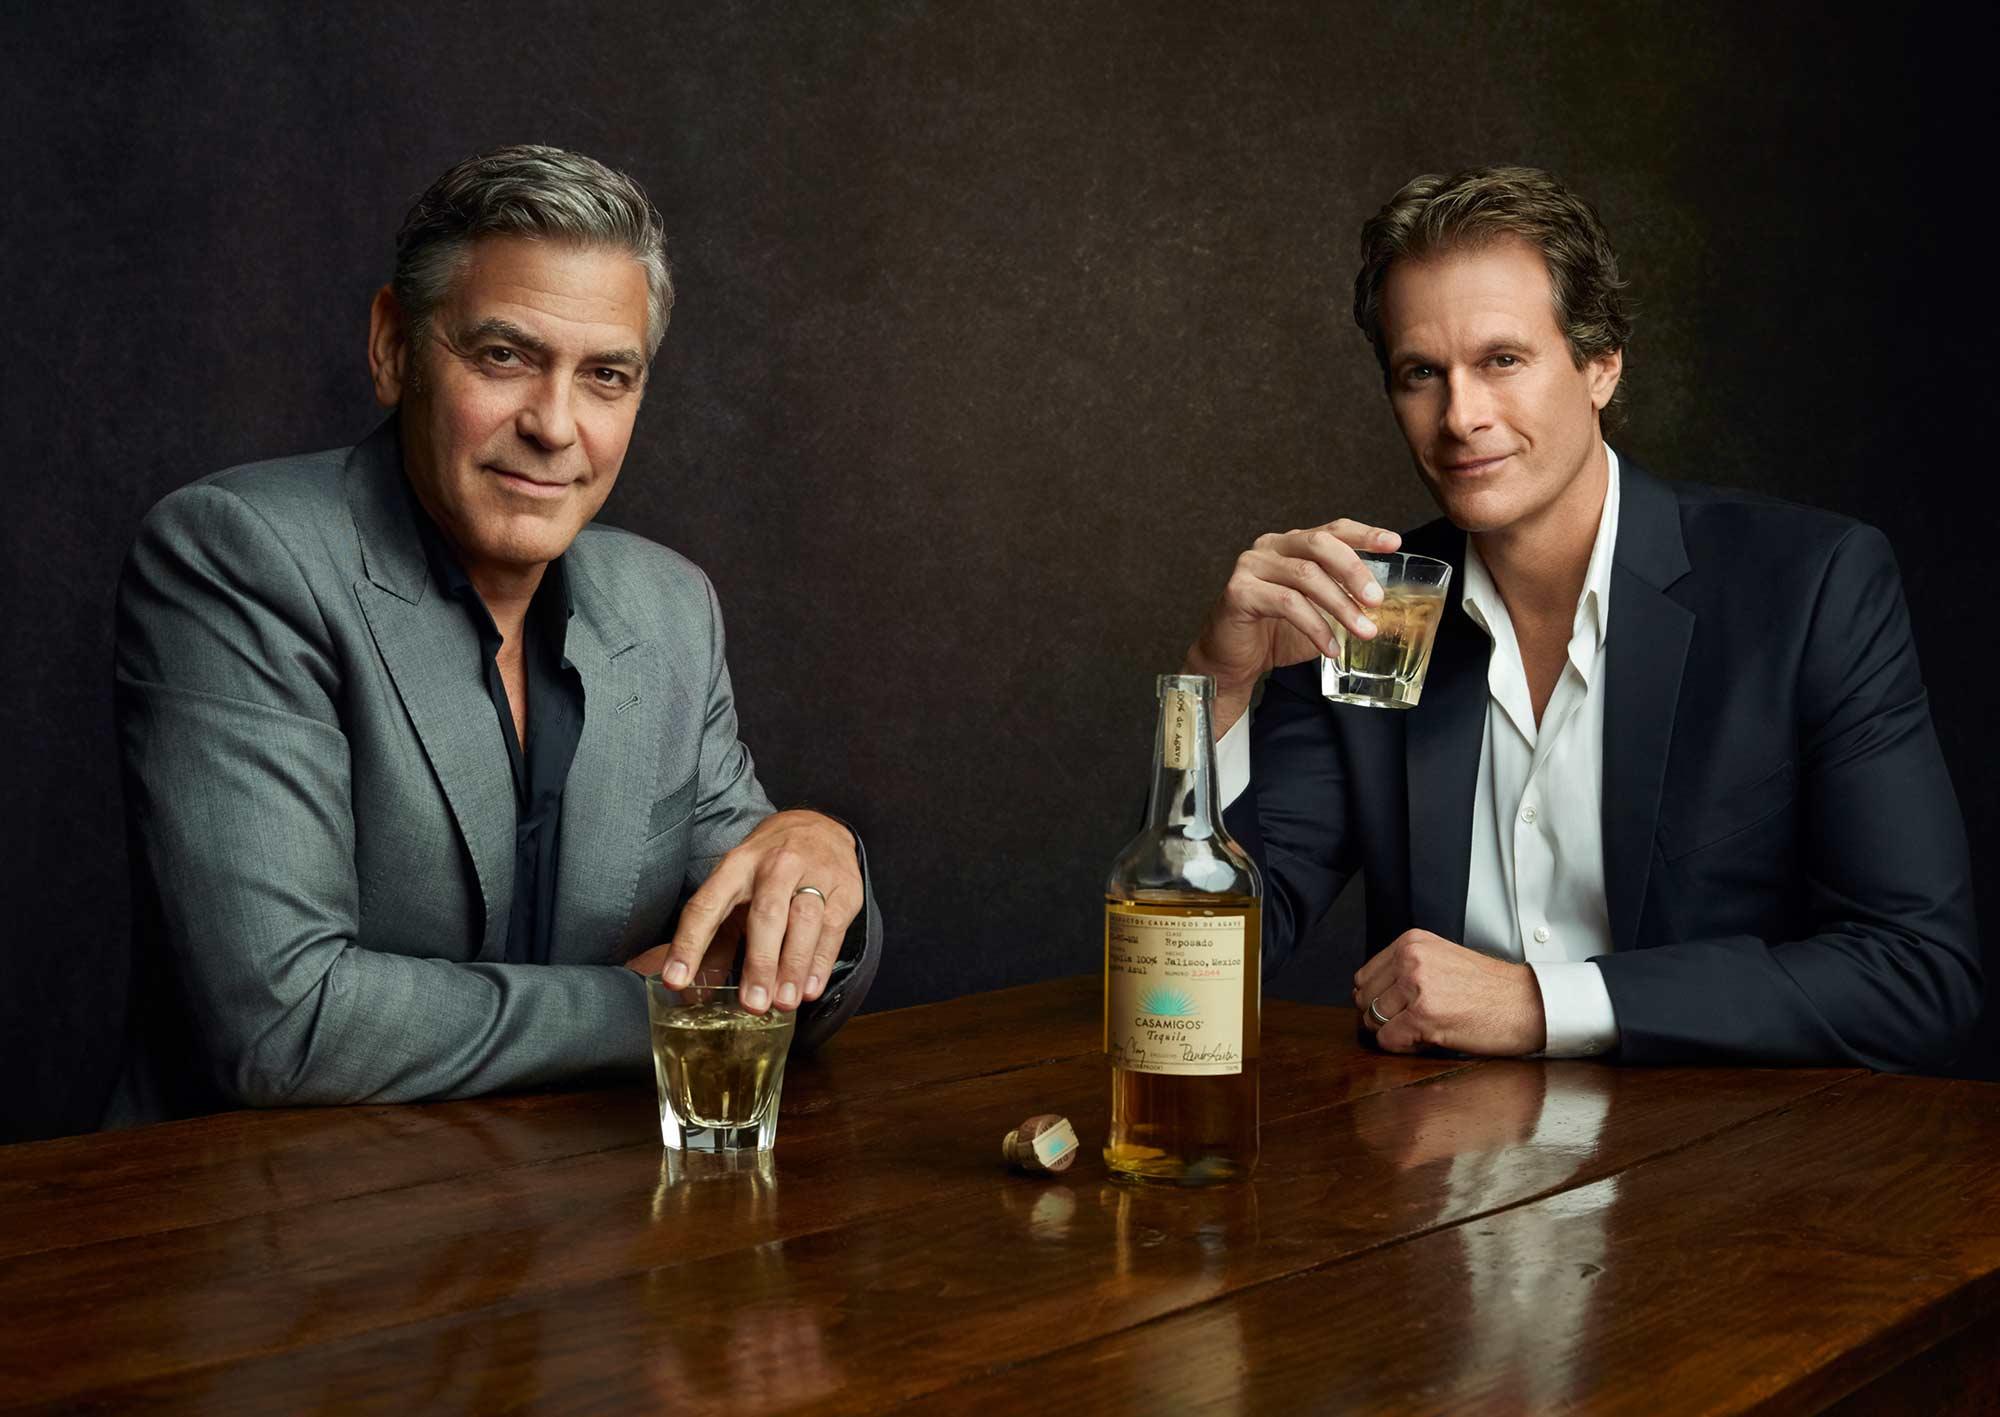 Clooney Gerber